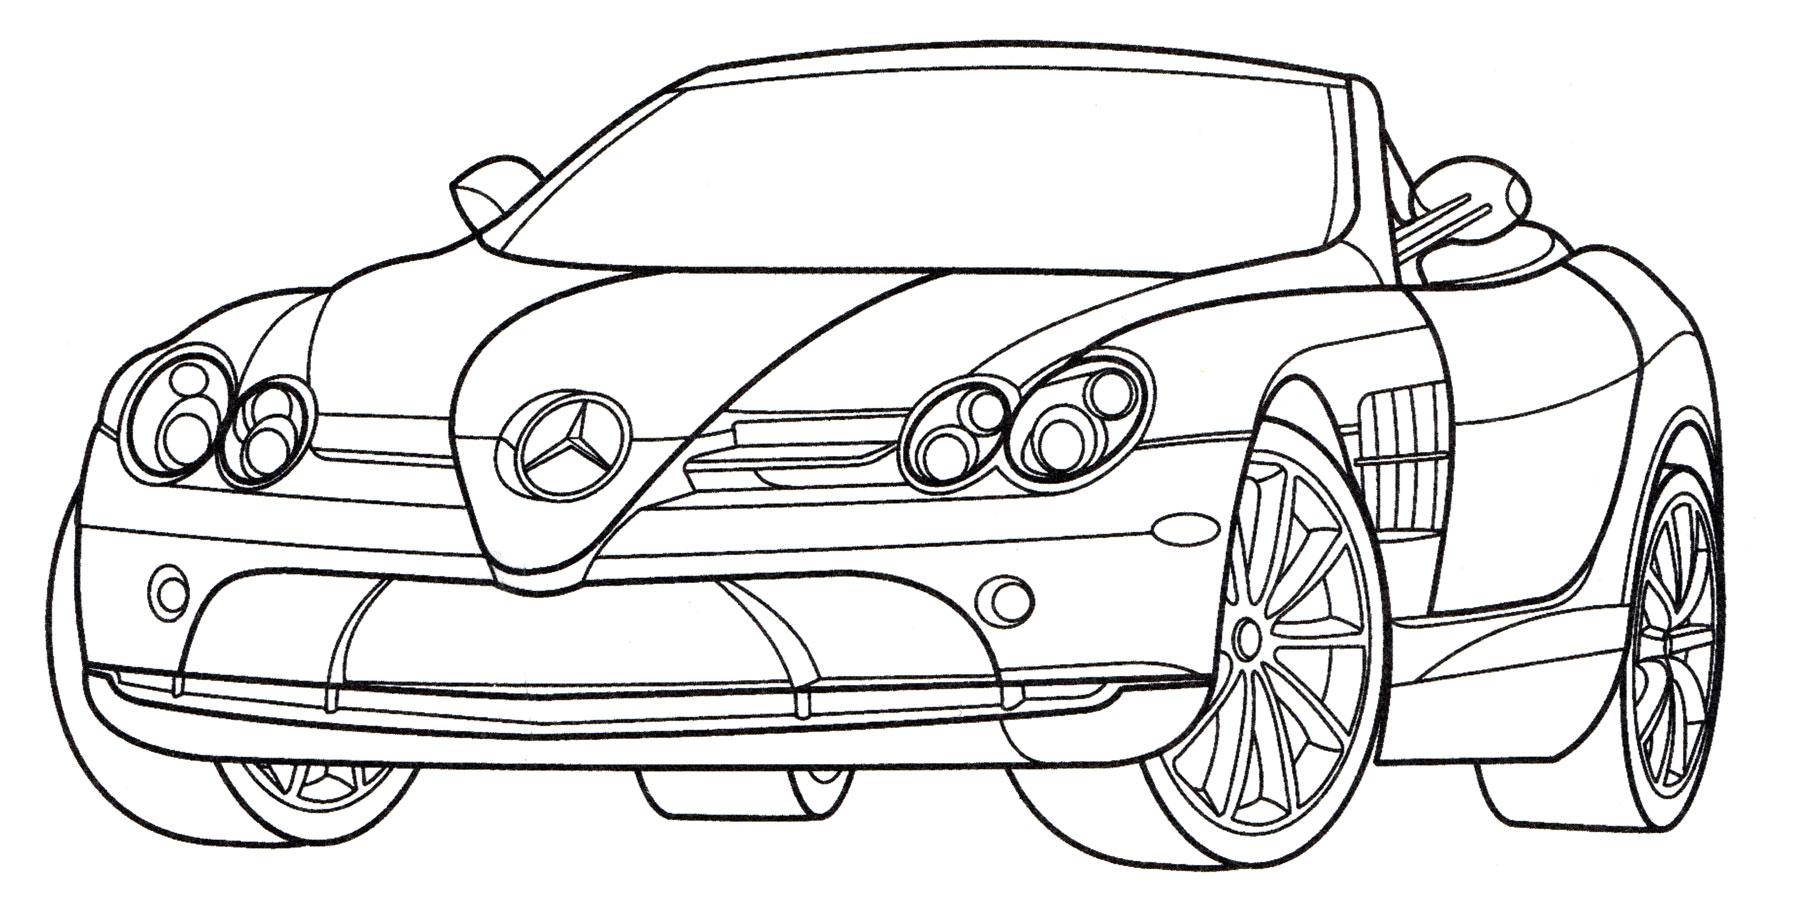 Раскраска Mercedes SLR 722S Roadster - распечатать бесплатно